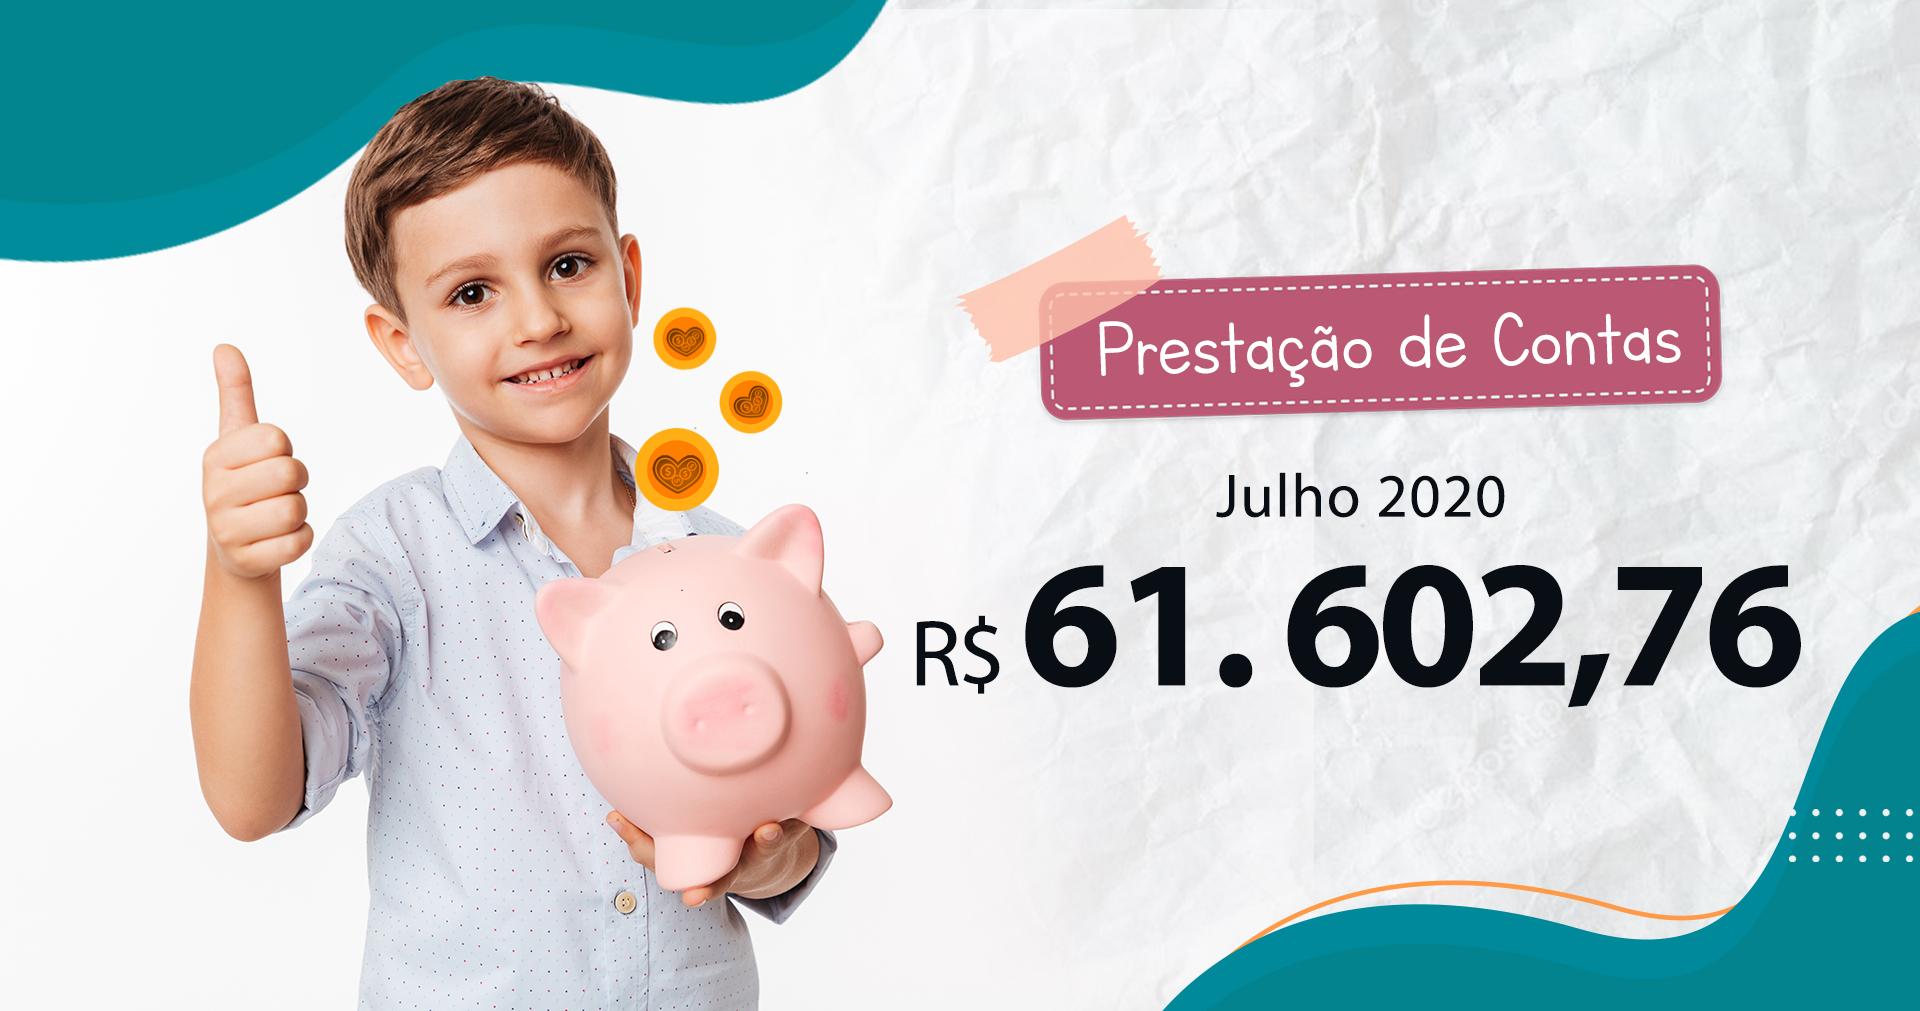 Prestação de Contas Julho/2020